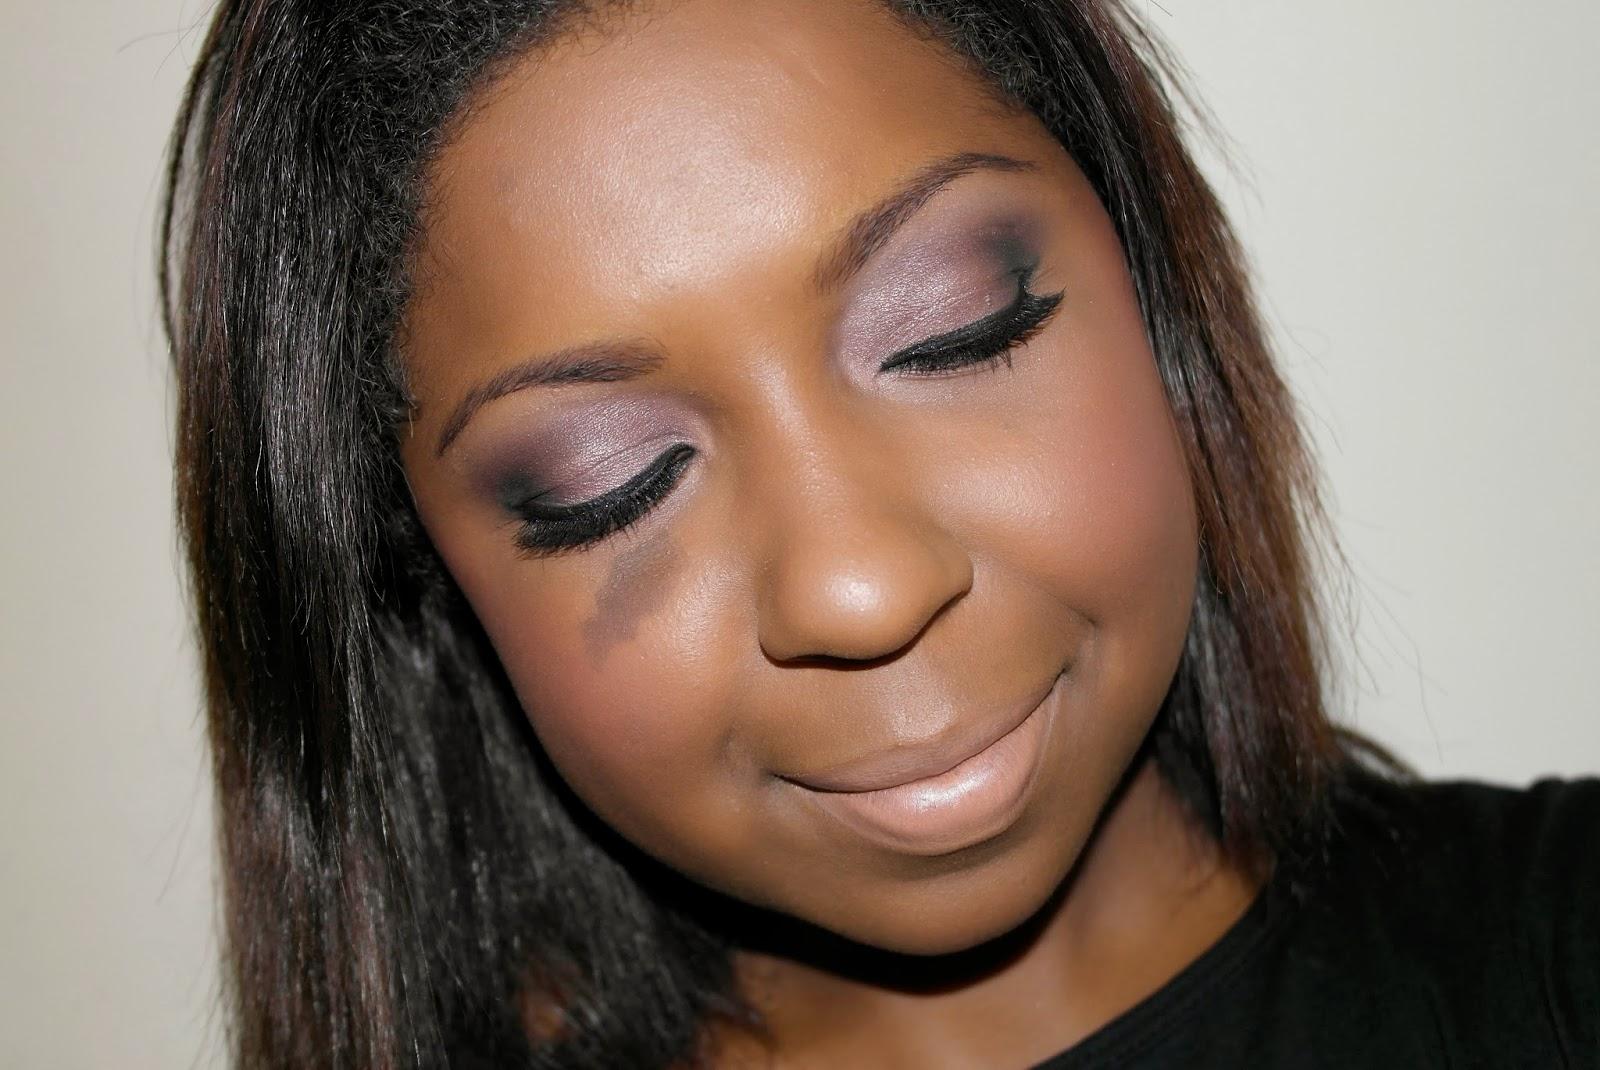 Maquiagem-esfumada-especial-para-o-blog-Daniele-Rímola-Maquiagens-que-amei-em-2013